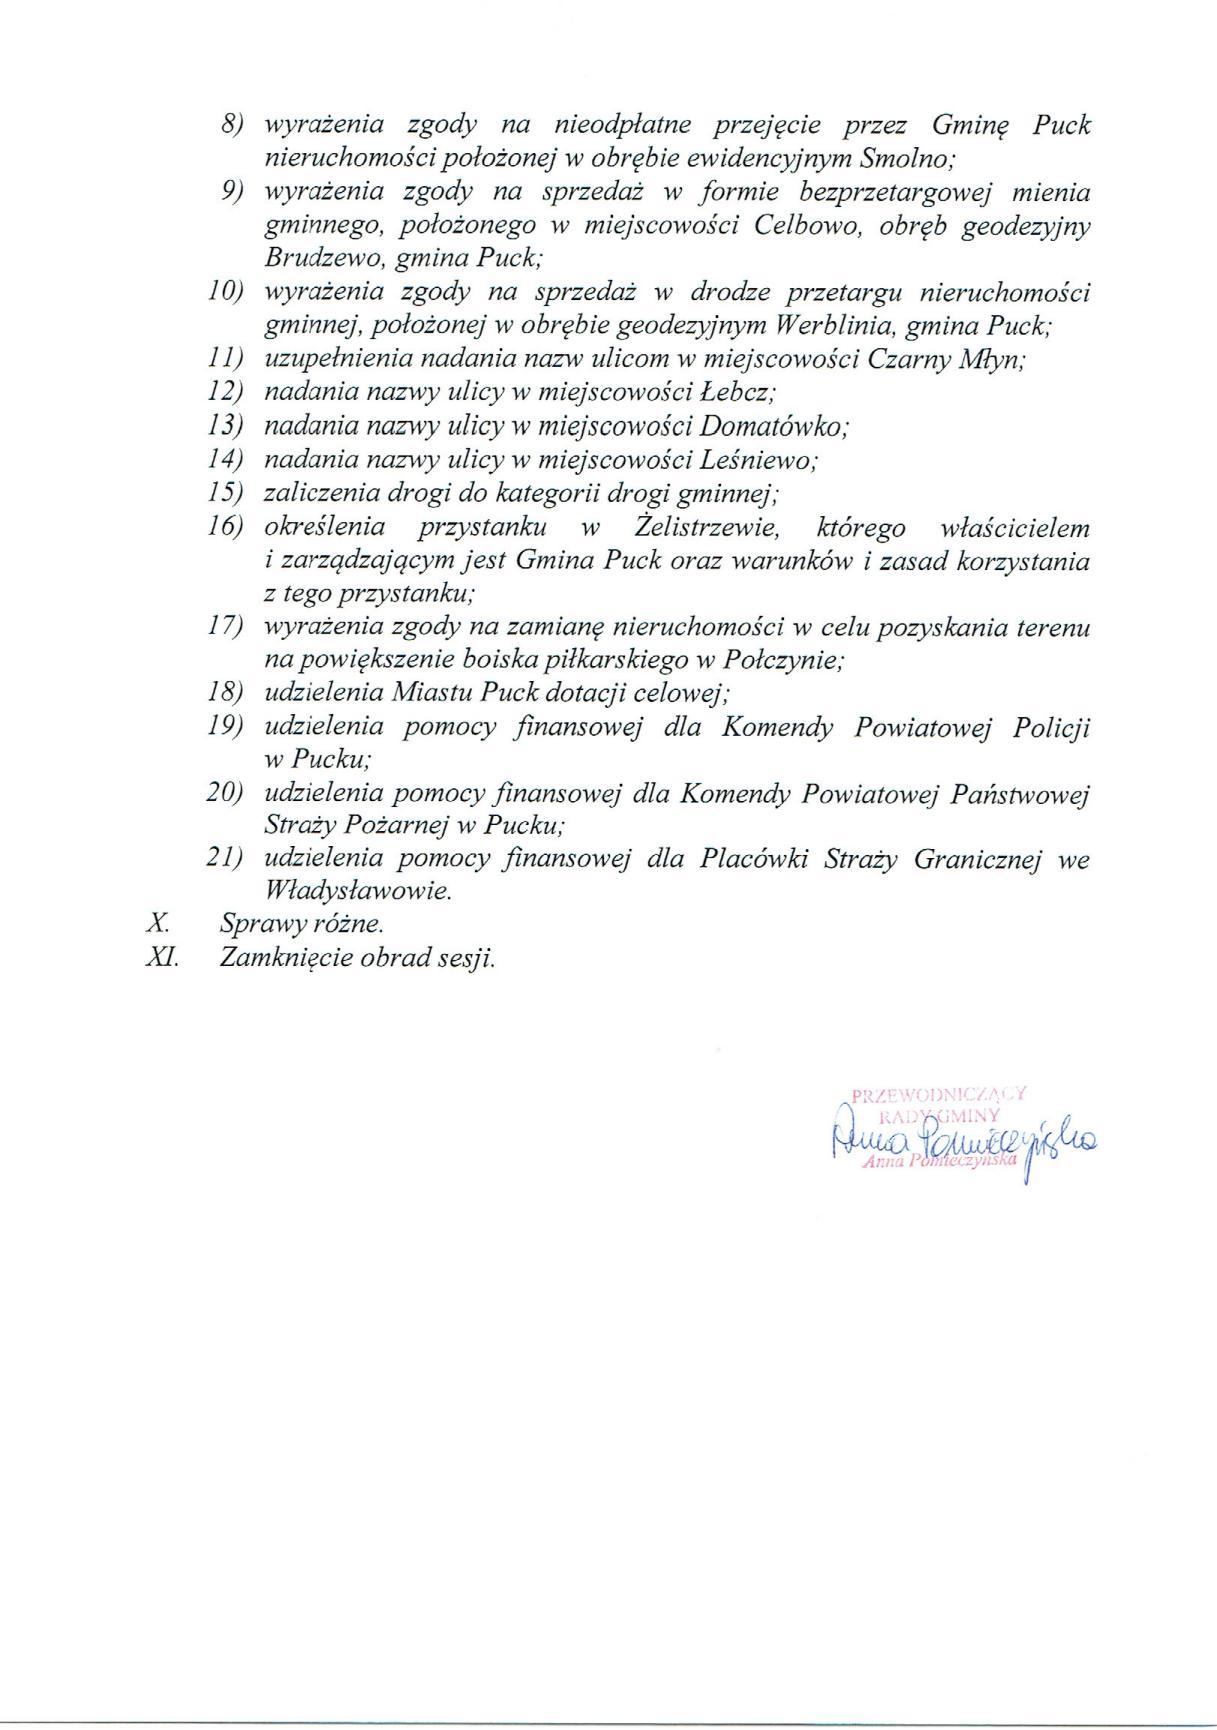 Proponowany porządek obrad XXXIV sesji Rady Gminy Puck - dnia 30 marca 2017 roku_02